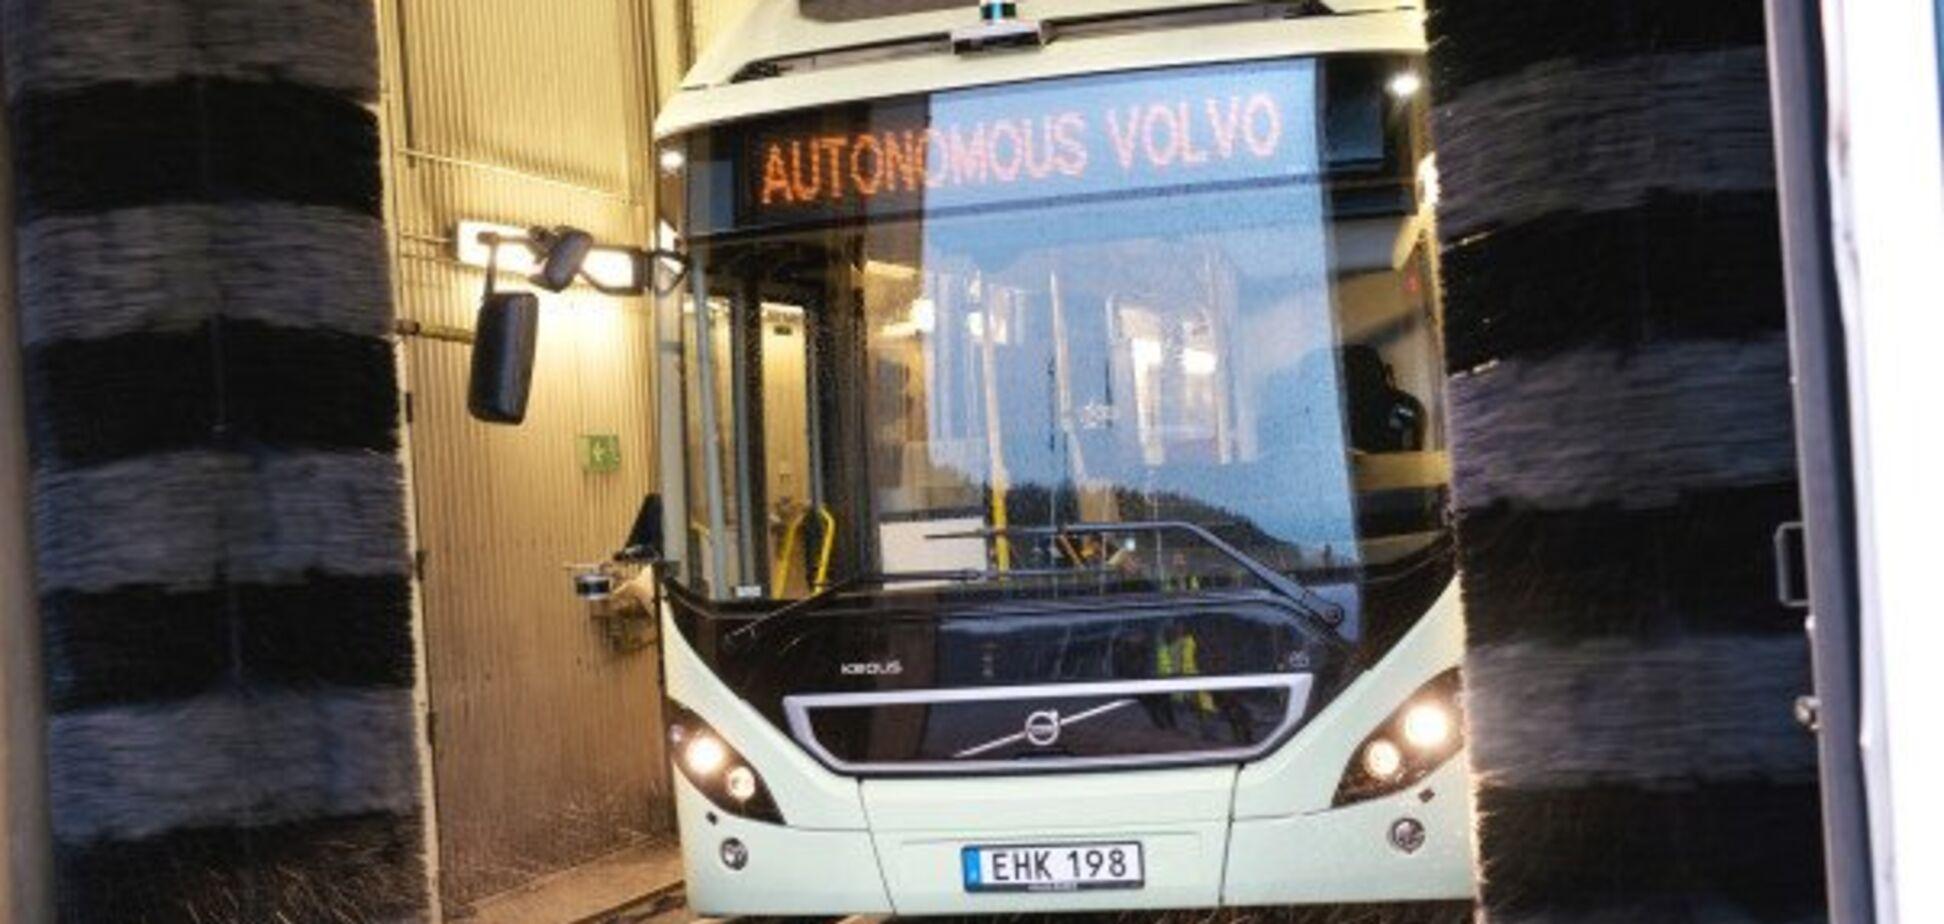 Водій не потрібен: Volvo показала автономний електричний автобус